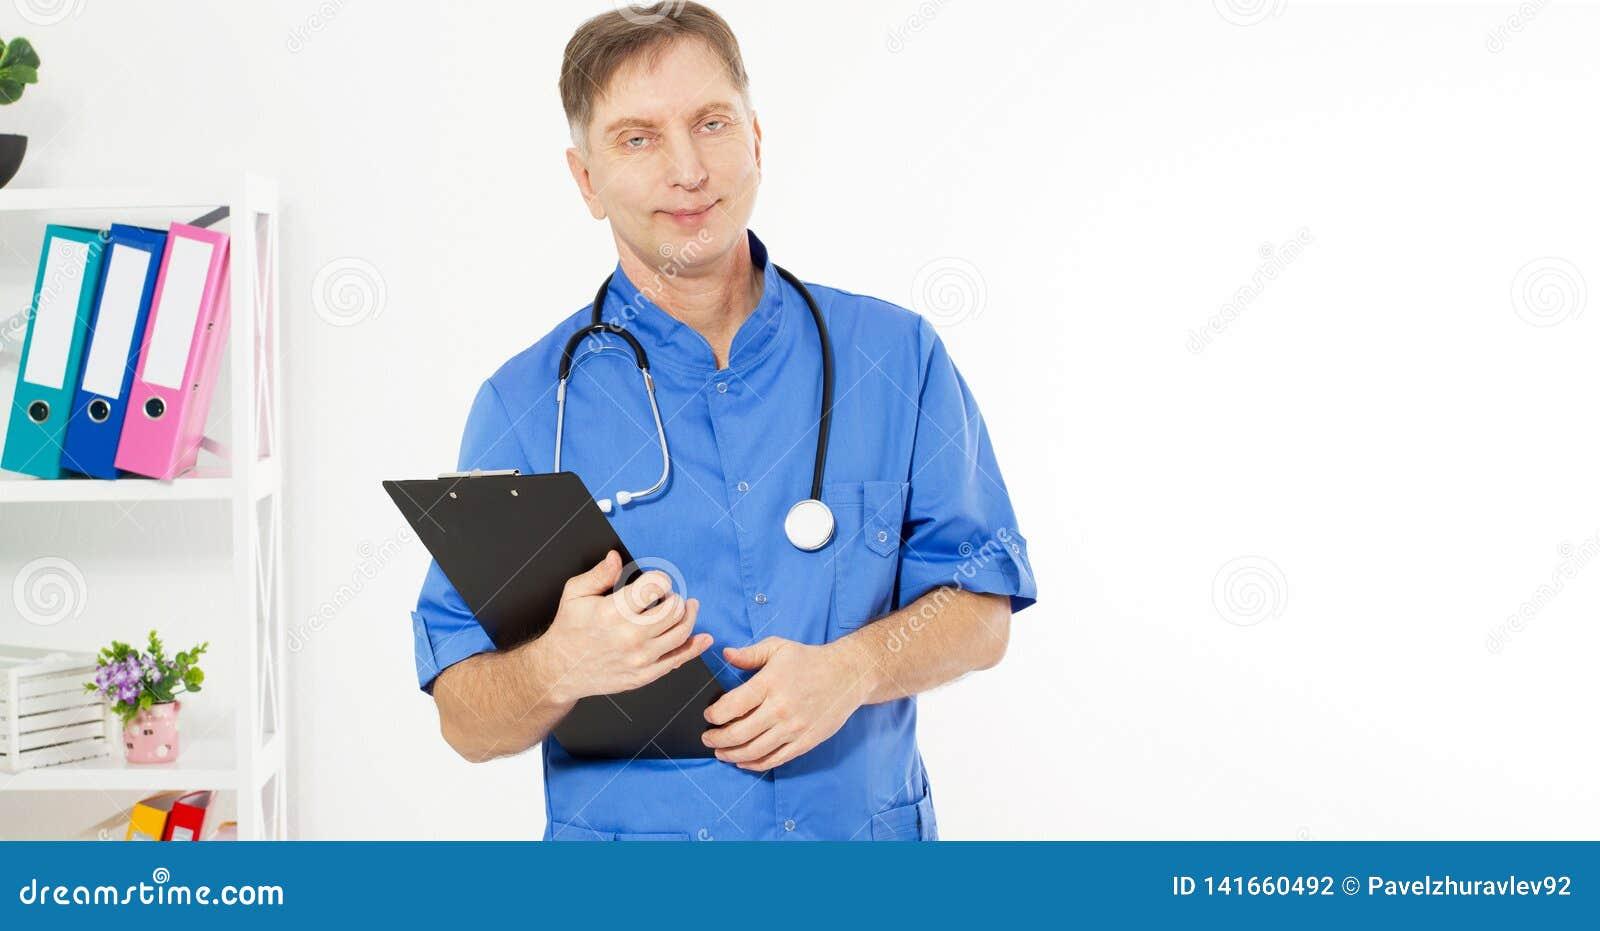 摆在和看与黑文件夹,在背景的医疗办公室诊所,拷贝空间的确信的微笑的医生照相机